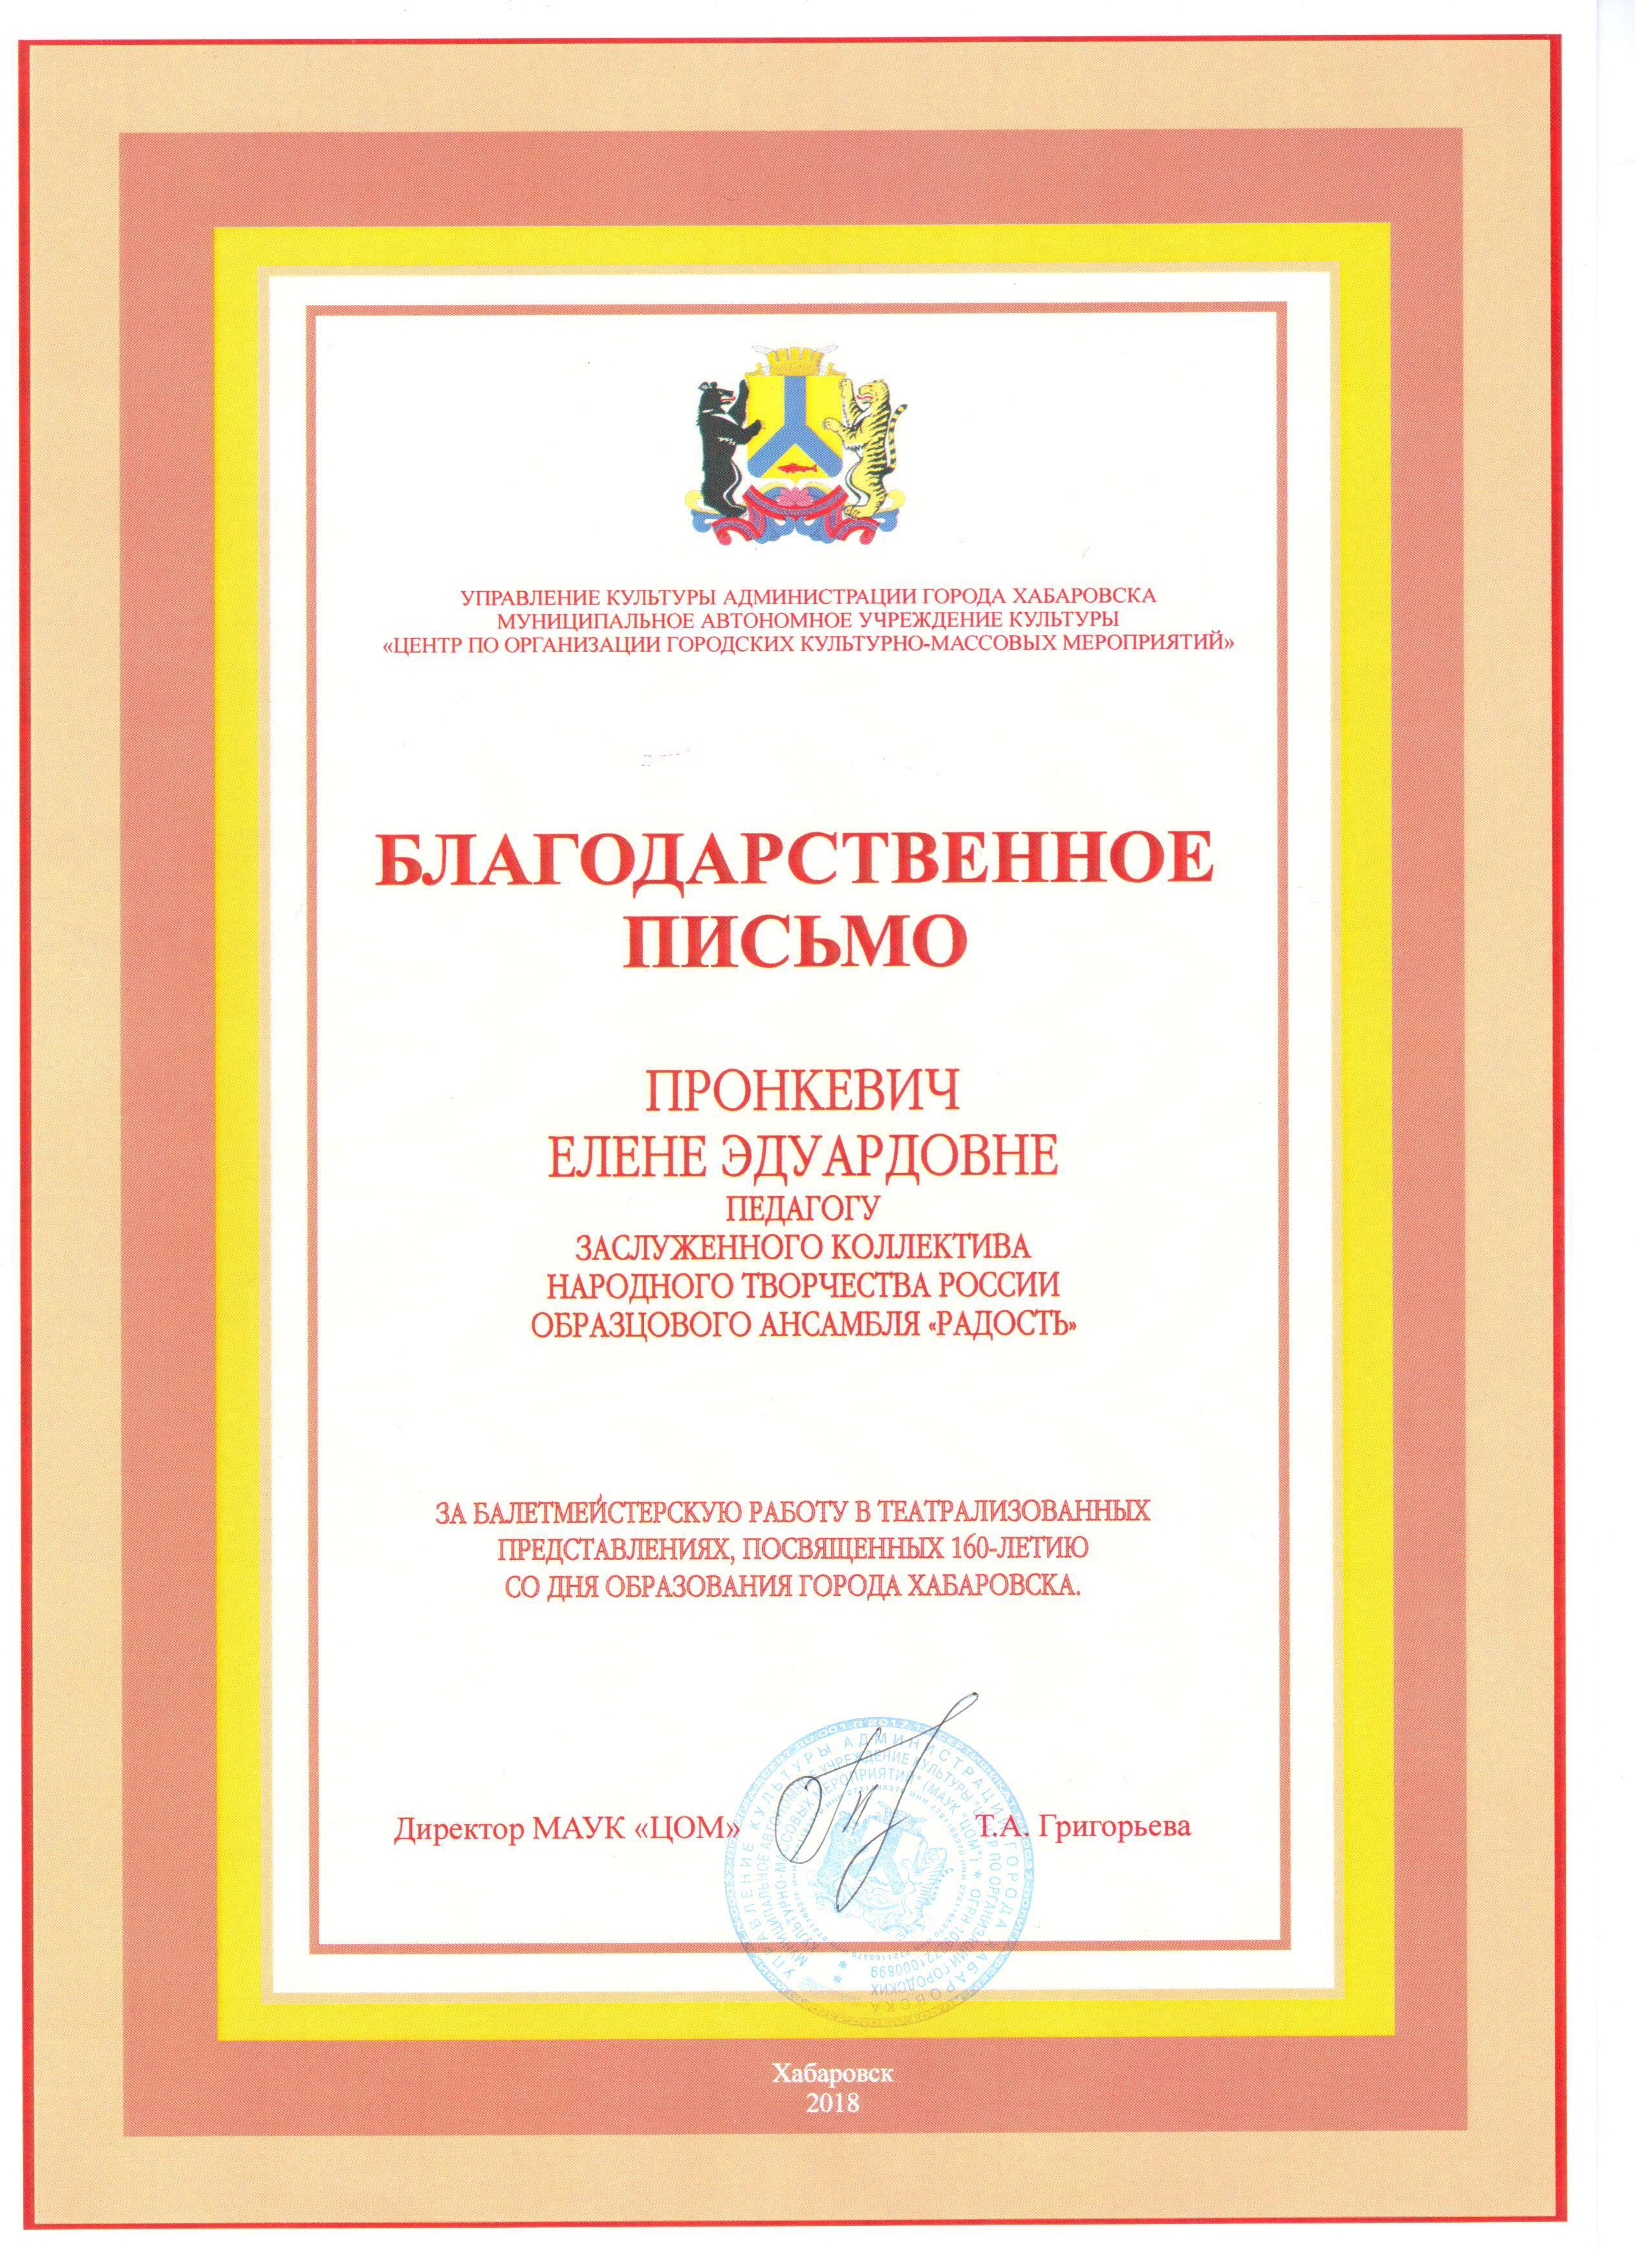 Благодарственное письмо Пронкевич_ЕЭ